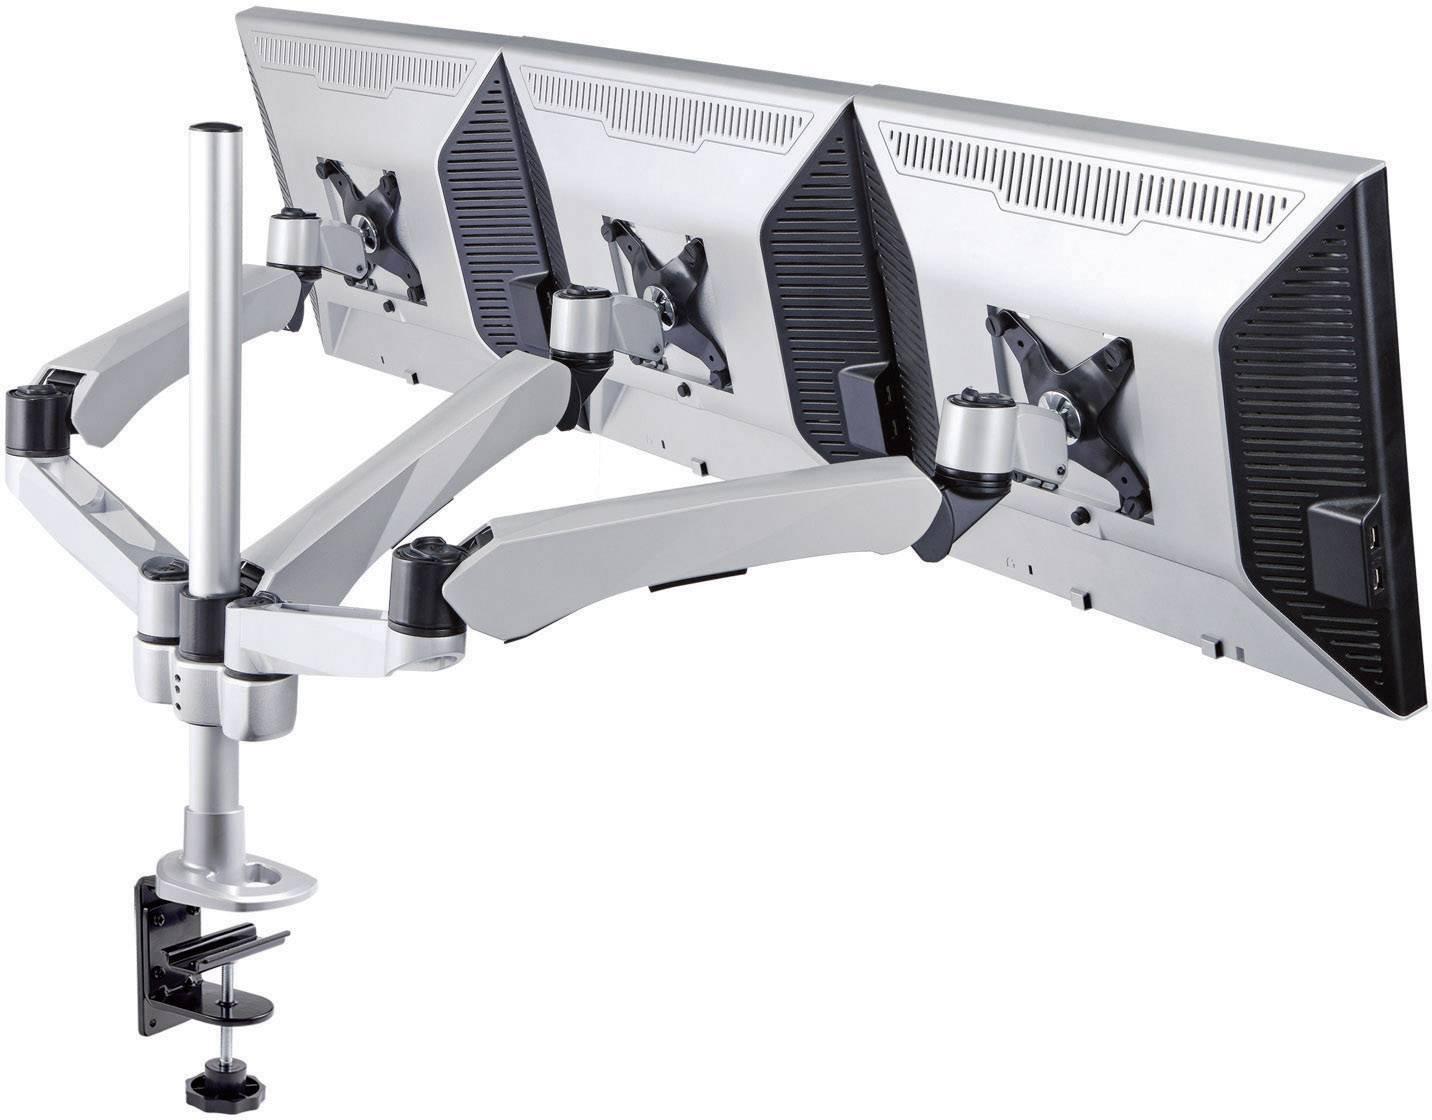 """Stolový držiak monitoru SpeaKa Professional SP-1624812, 25,4 cm (10"""") - 61,0 cm (24""""), striebornočierná"""